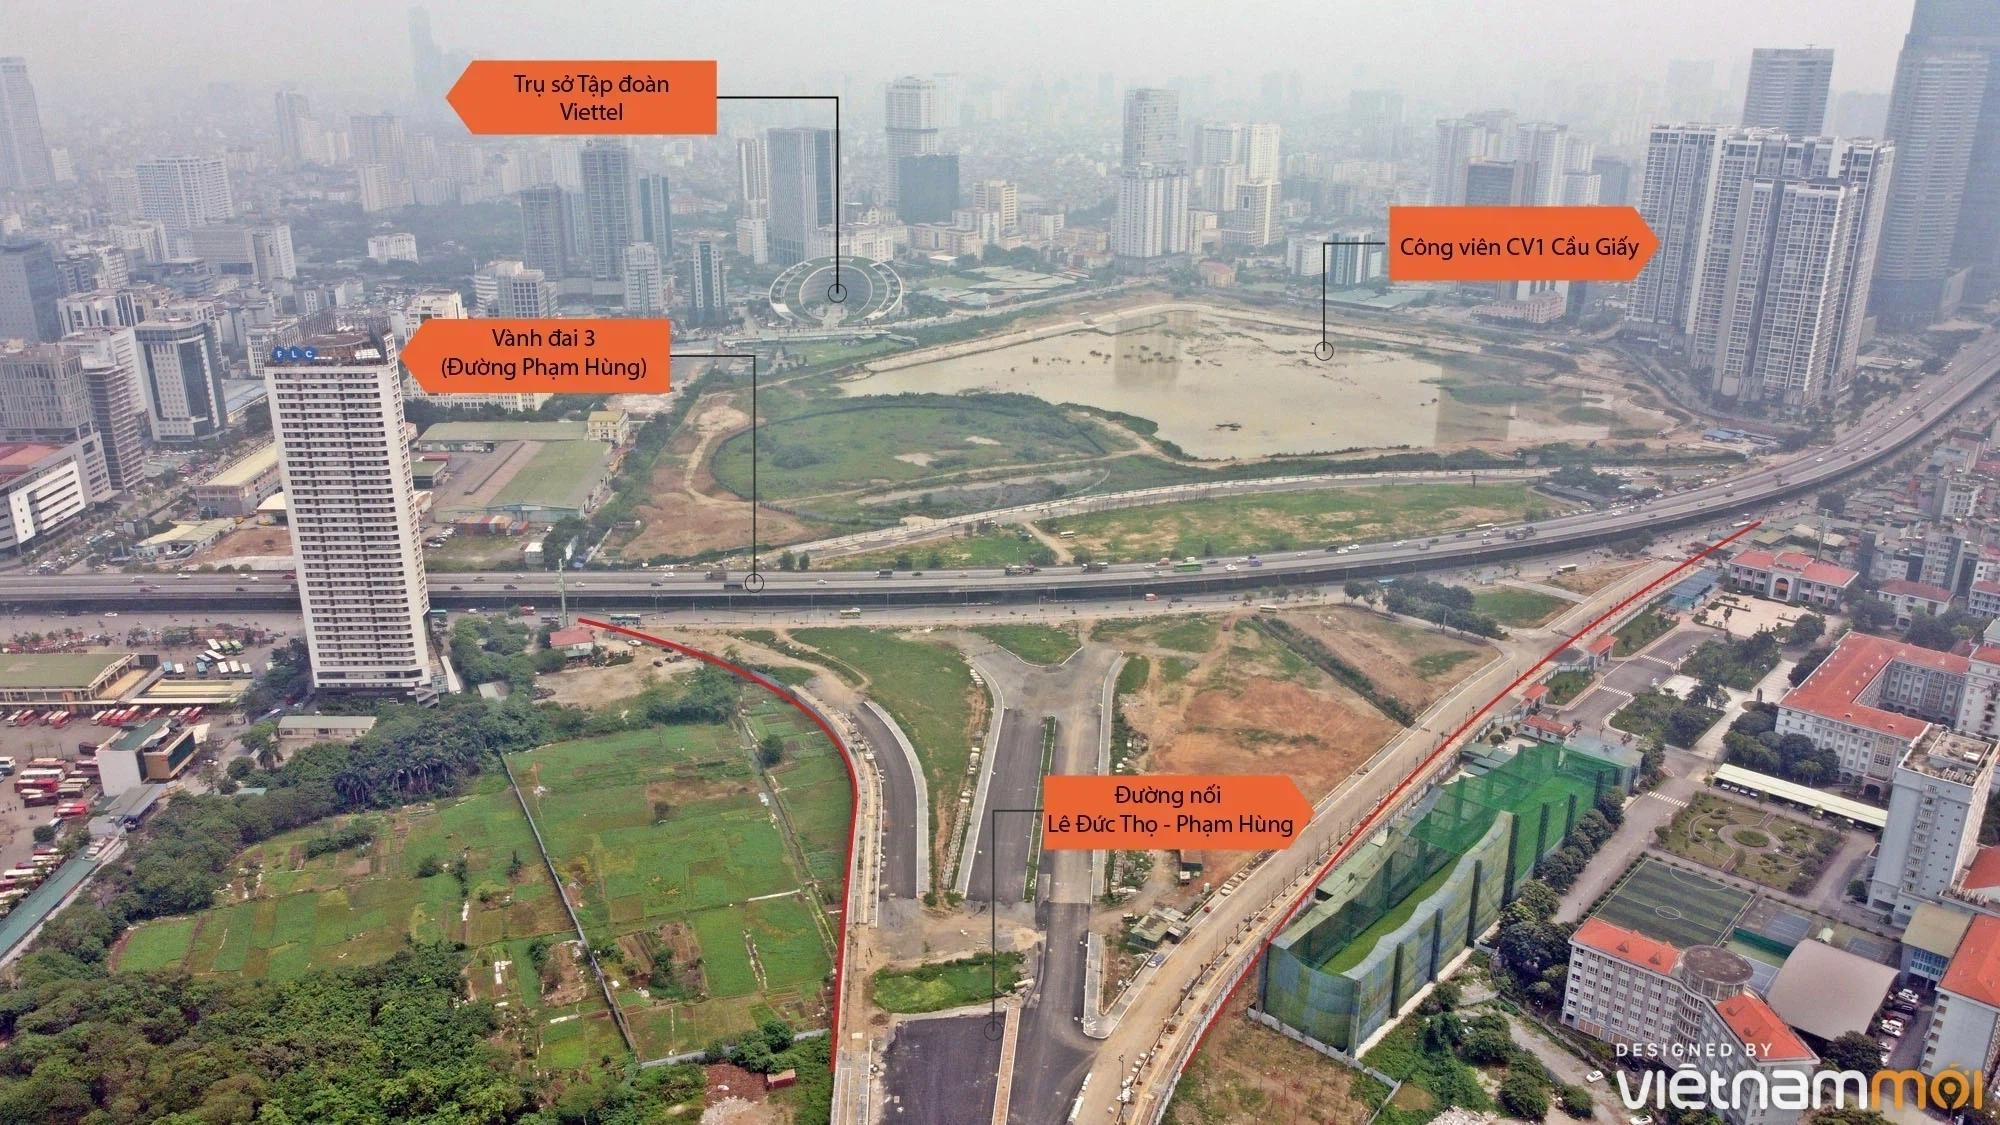 Toàn cảnh đường nối Lê Đức Thọ - Phạm Hùng đang mở theo quy hoạch ở Hà Nội - Ảnh 2.